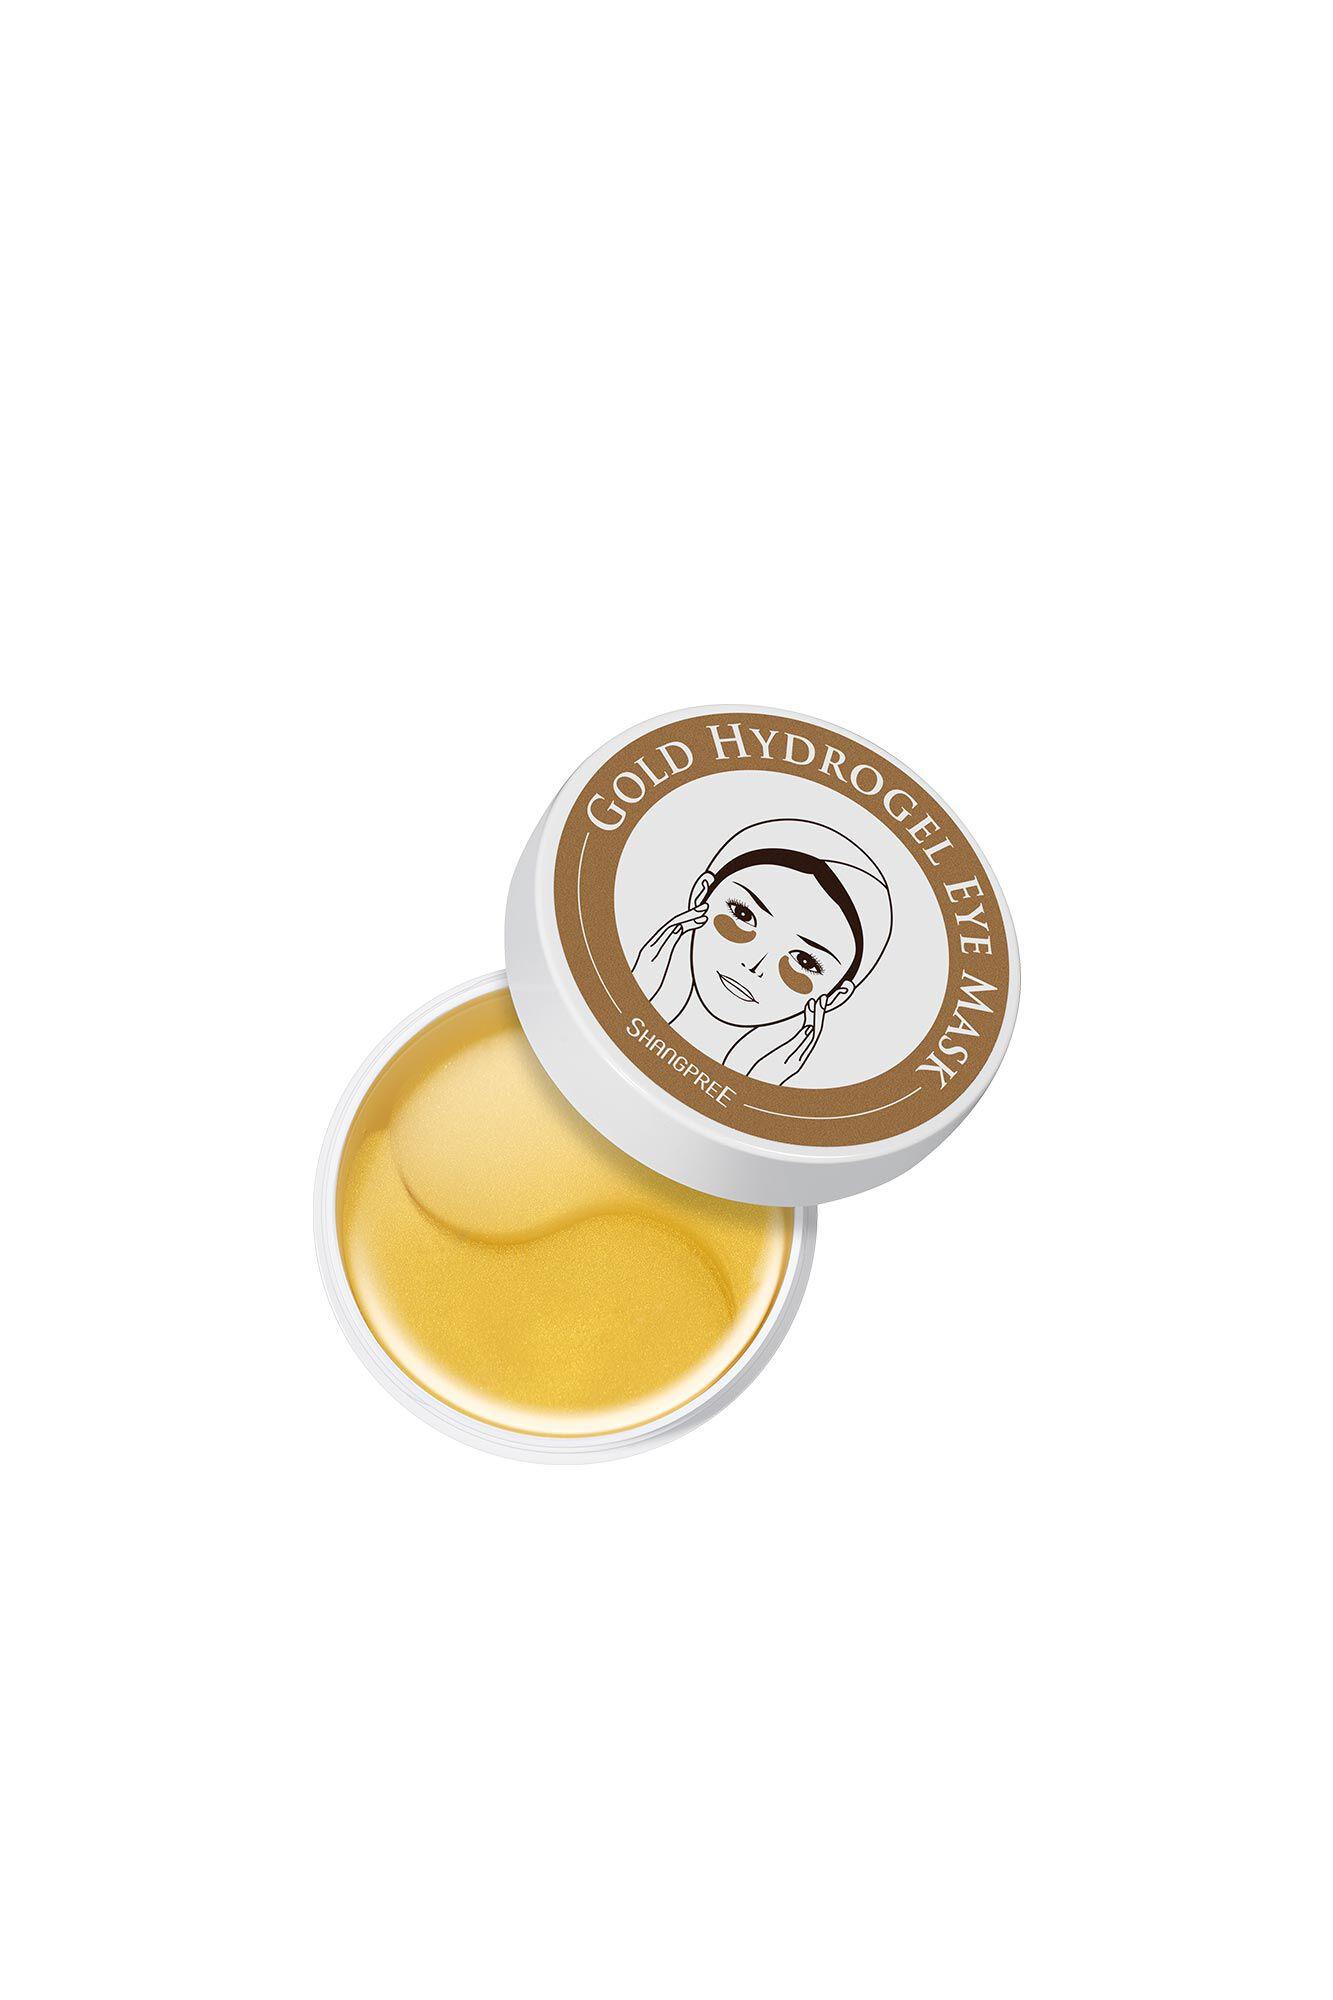 Hydrogel eye mask 78001, GOLD